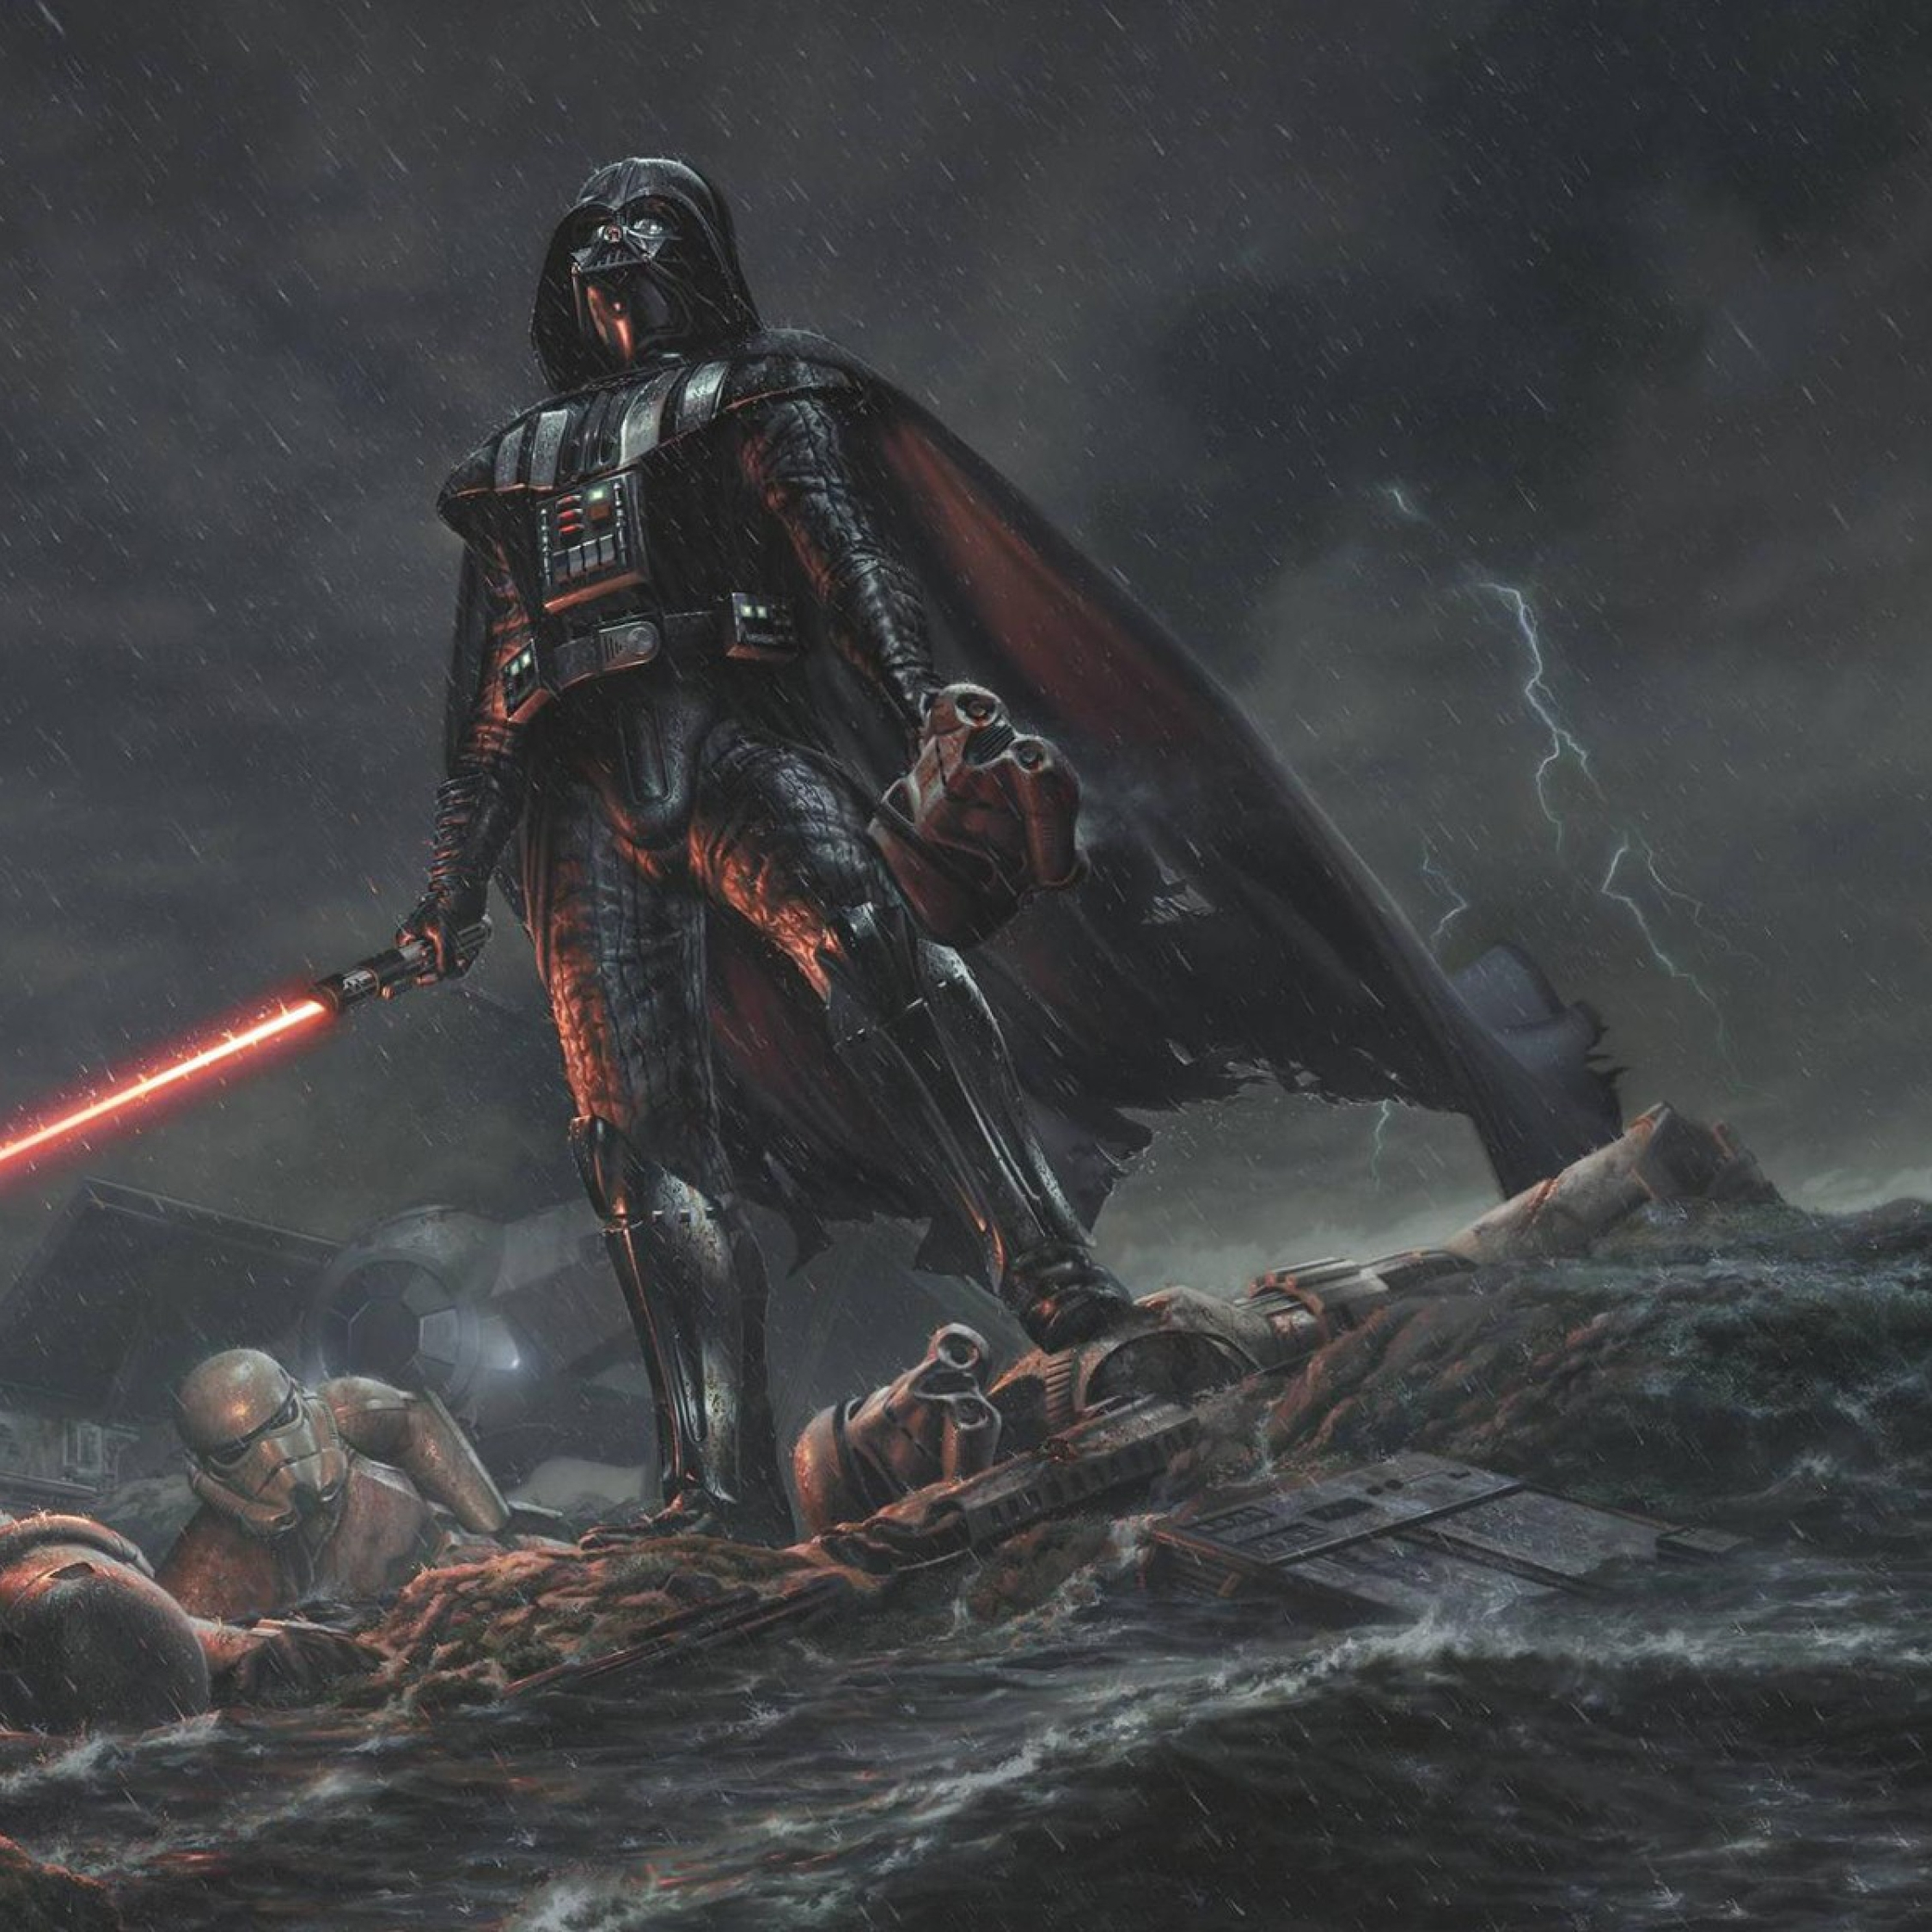 Darth Vader Star Wars Stormtrooper, HD 4K Wallpaper